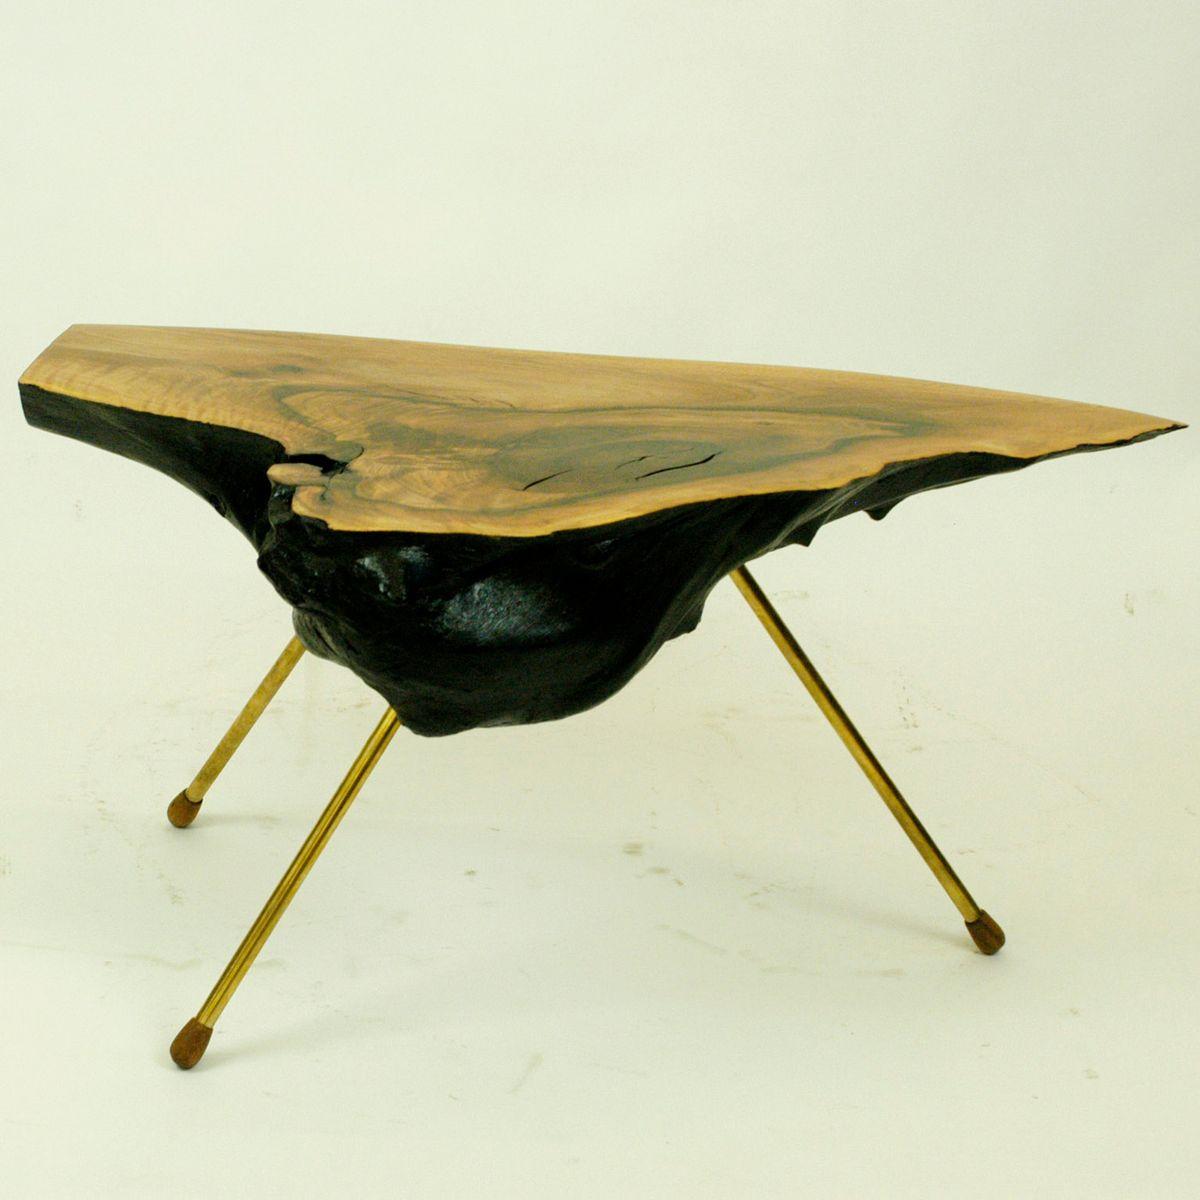 sterreichischer baumstamm tisch von carl aub ck 1950er bei pamono kaufen. Black Bedroom Furniture Sets. Home Design Ideas